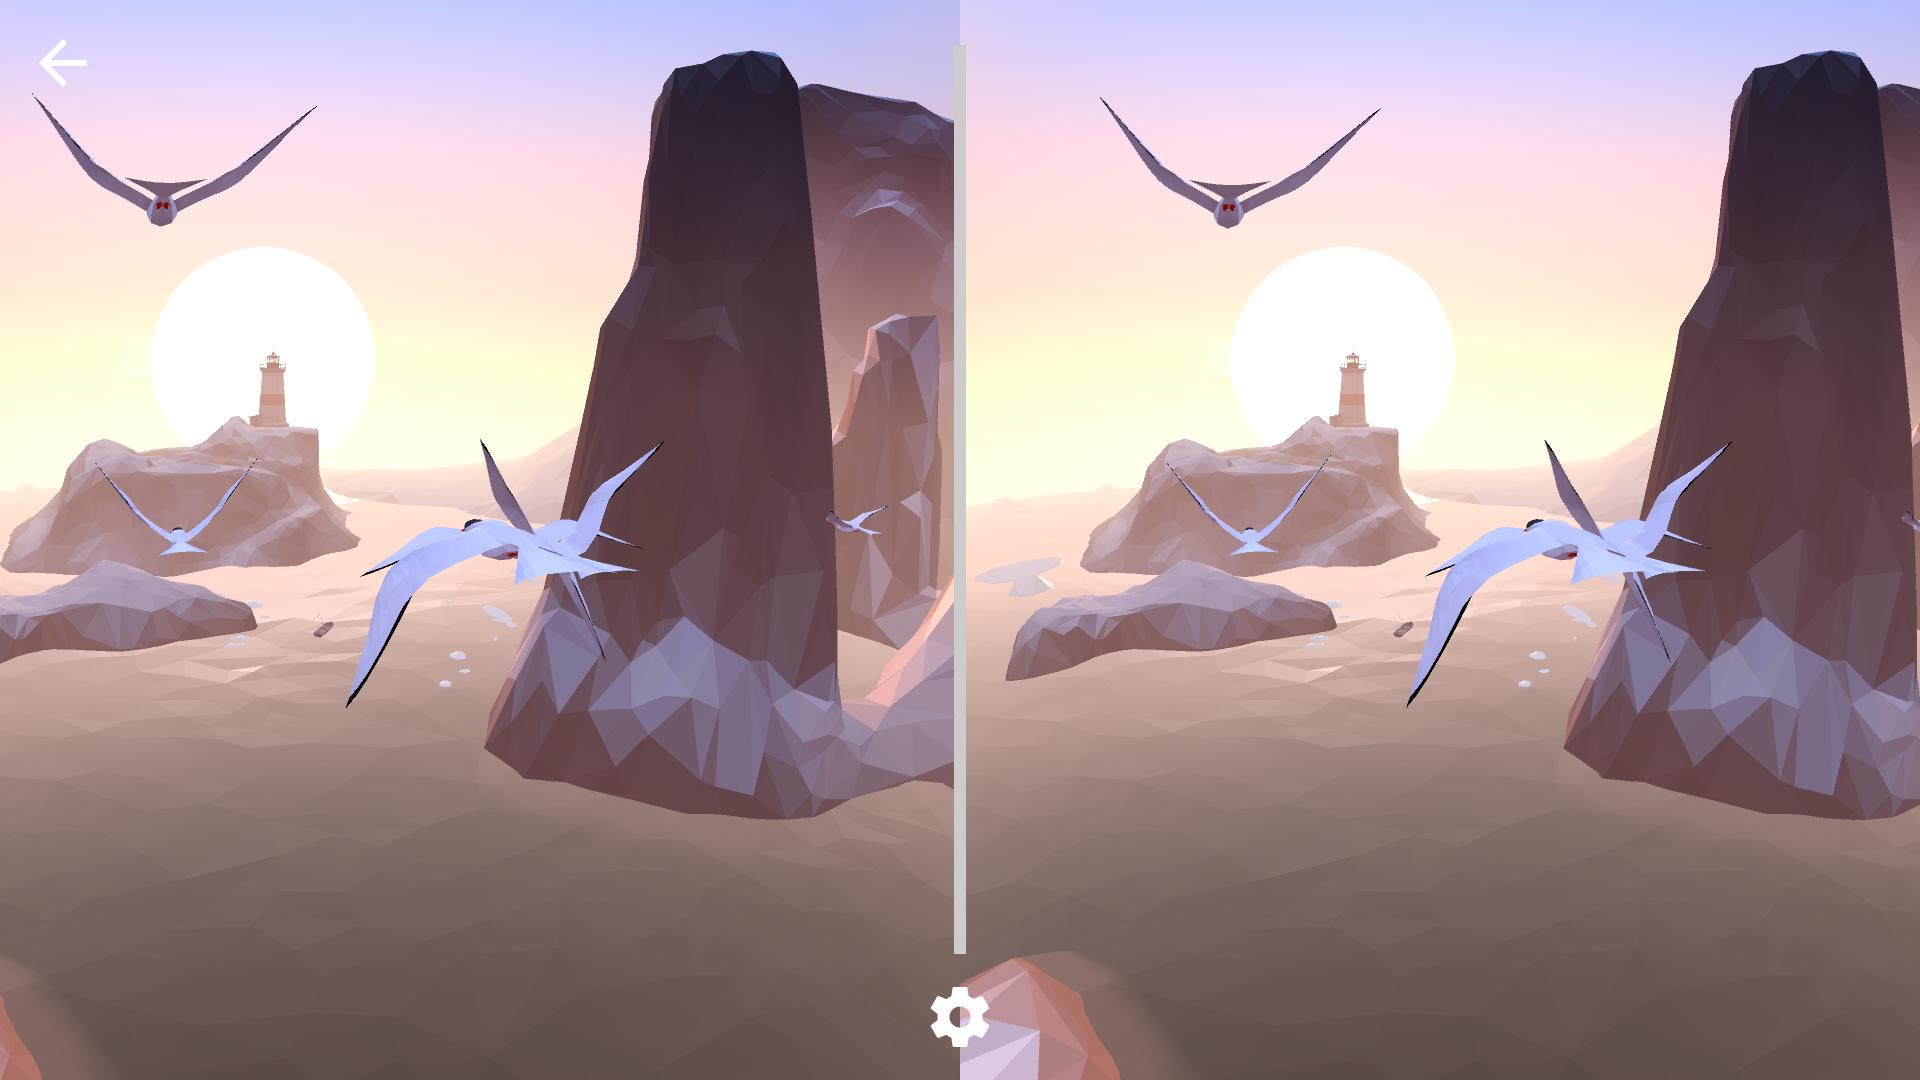 قوقل تُحدّث تطبيق الواقع الإفتراضي خاصتها Cardboard بعرضه رحلة قطبية شيقة